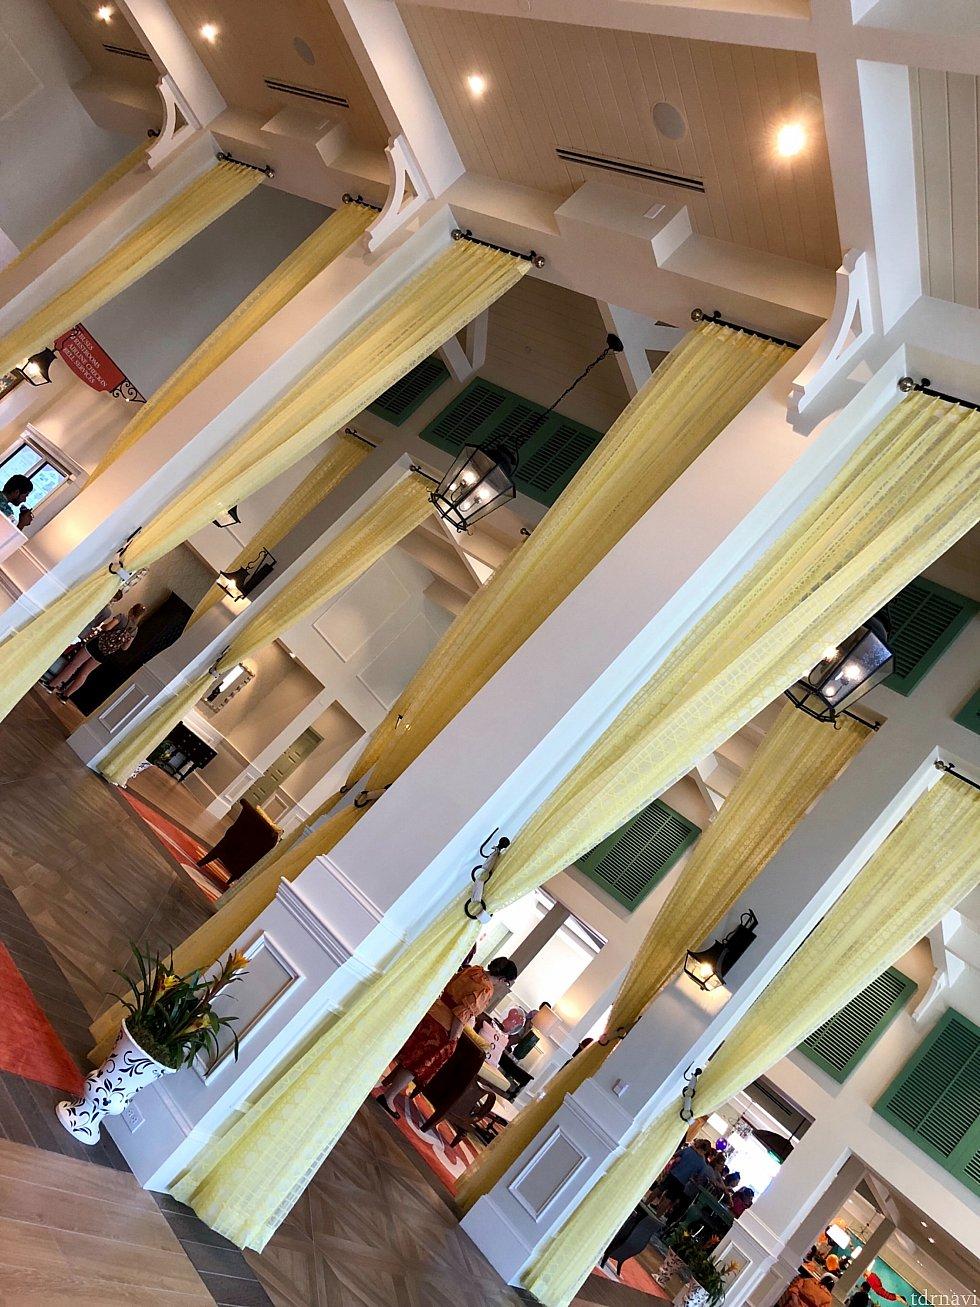 天井の高いロビーは開放的。丈の長いカーテン風のデコレーションが良い感じです。